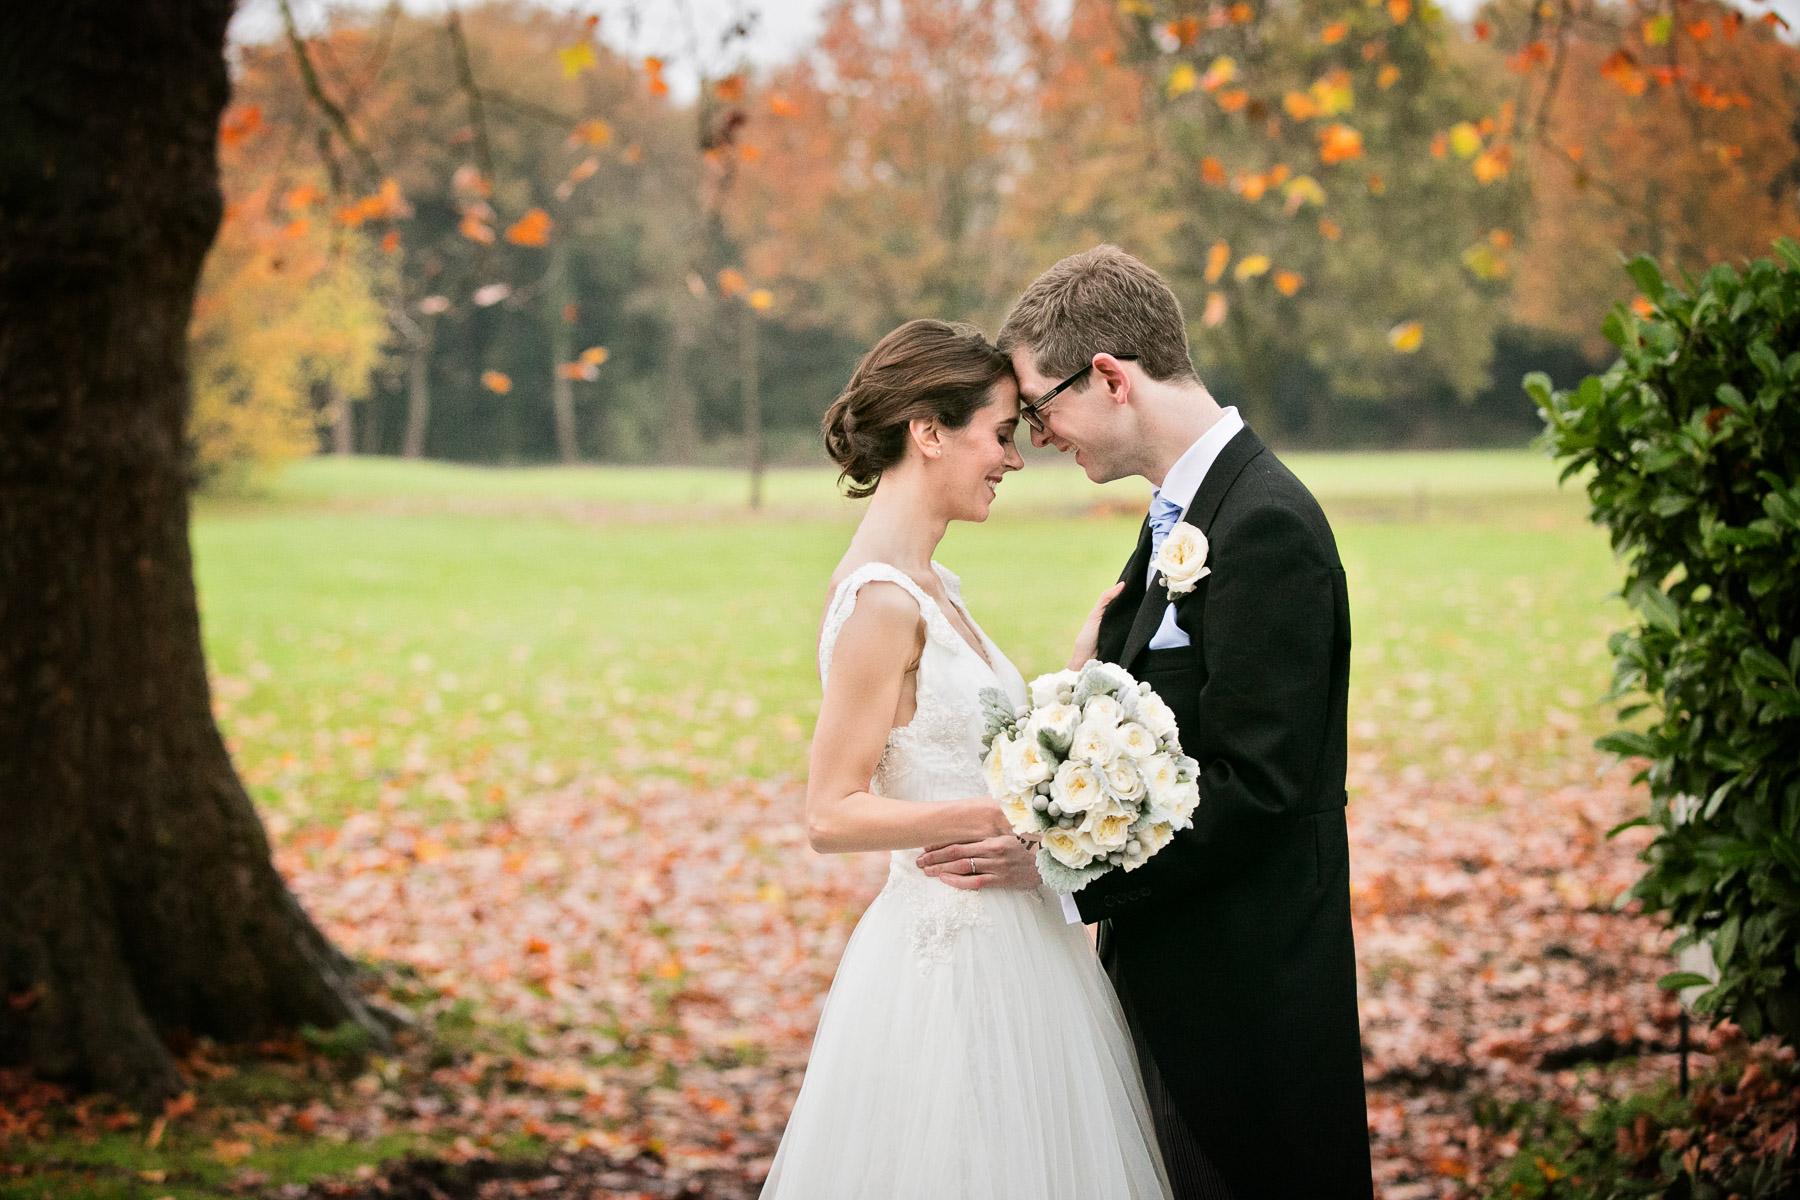 wedding portfolio 25-09-17  081.jpg